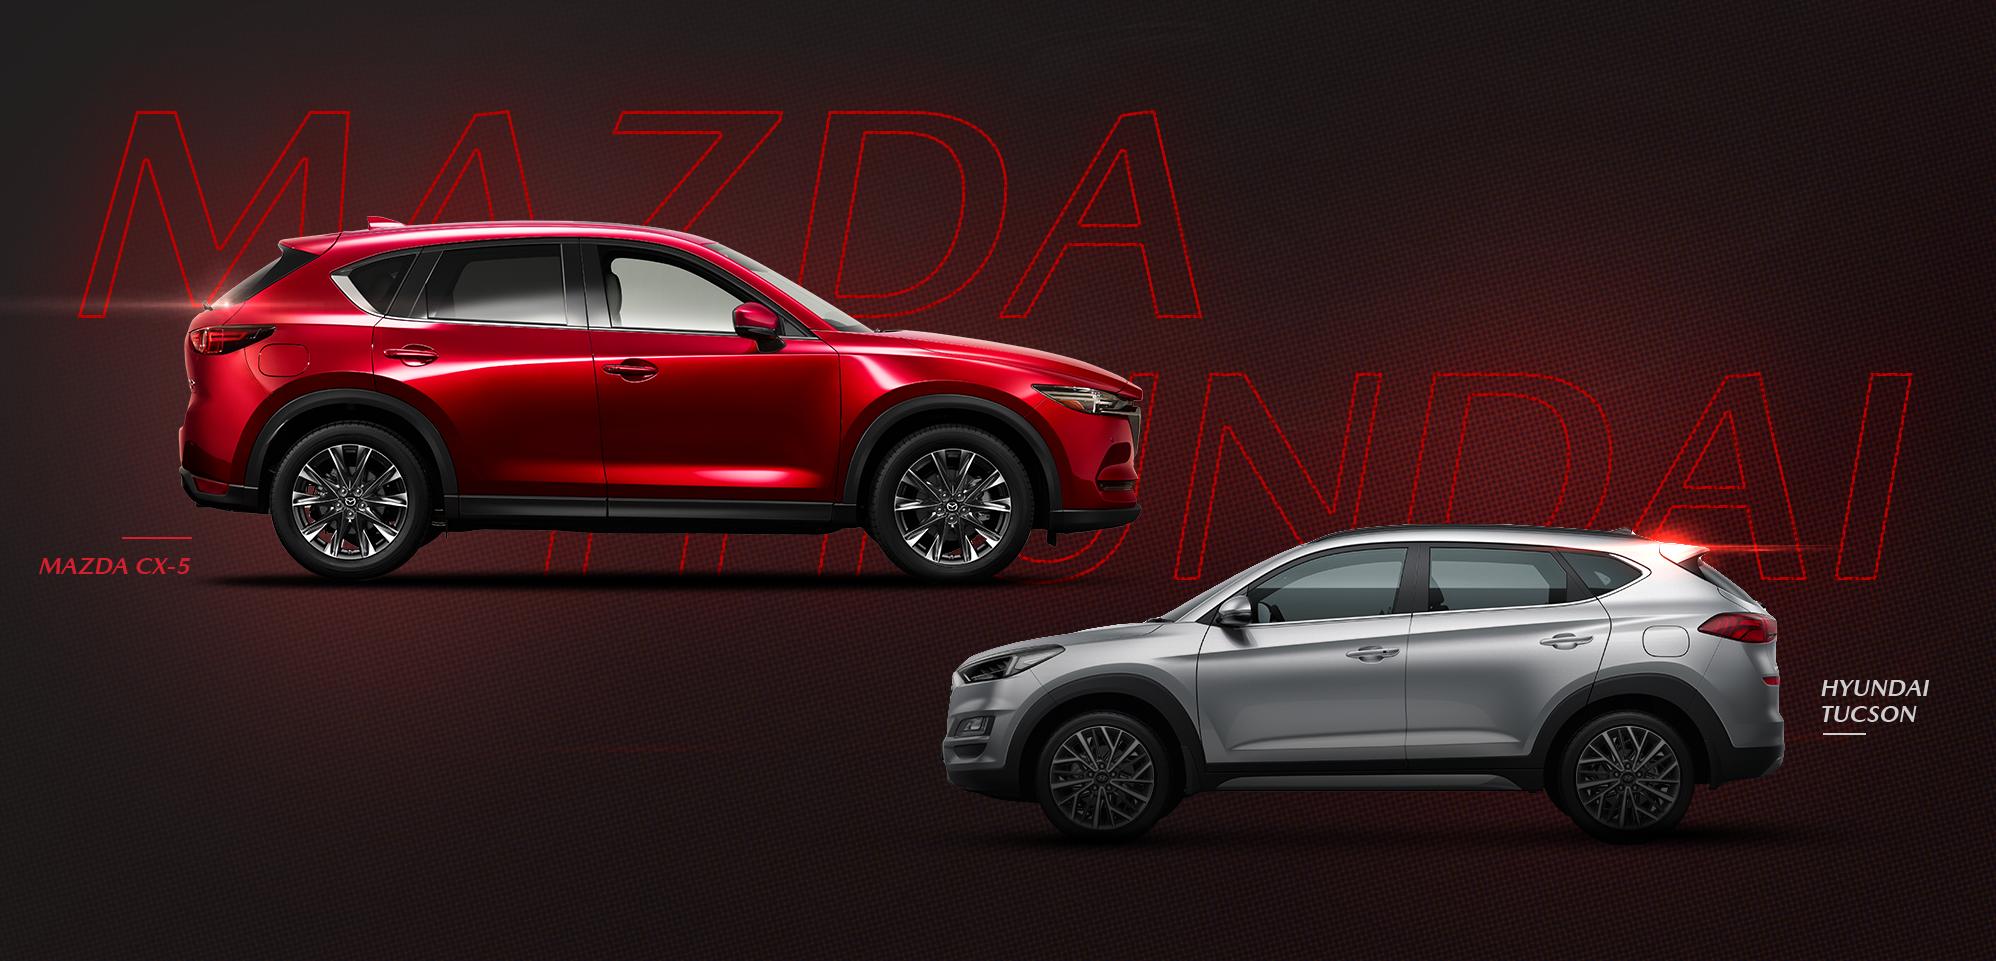 Mazda CX-5 vs Hyundai Tucson: Khi người Việt lựa chọn SUV Nhật - Hàn dưới 900 triệu đồng - Ảnh 2.